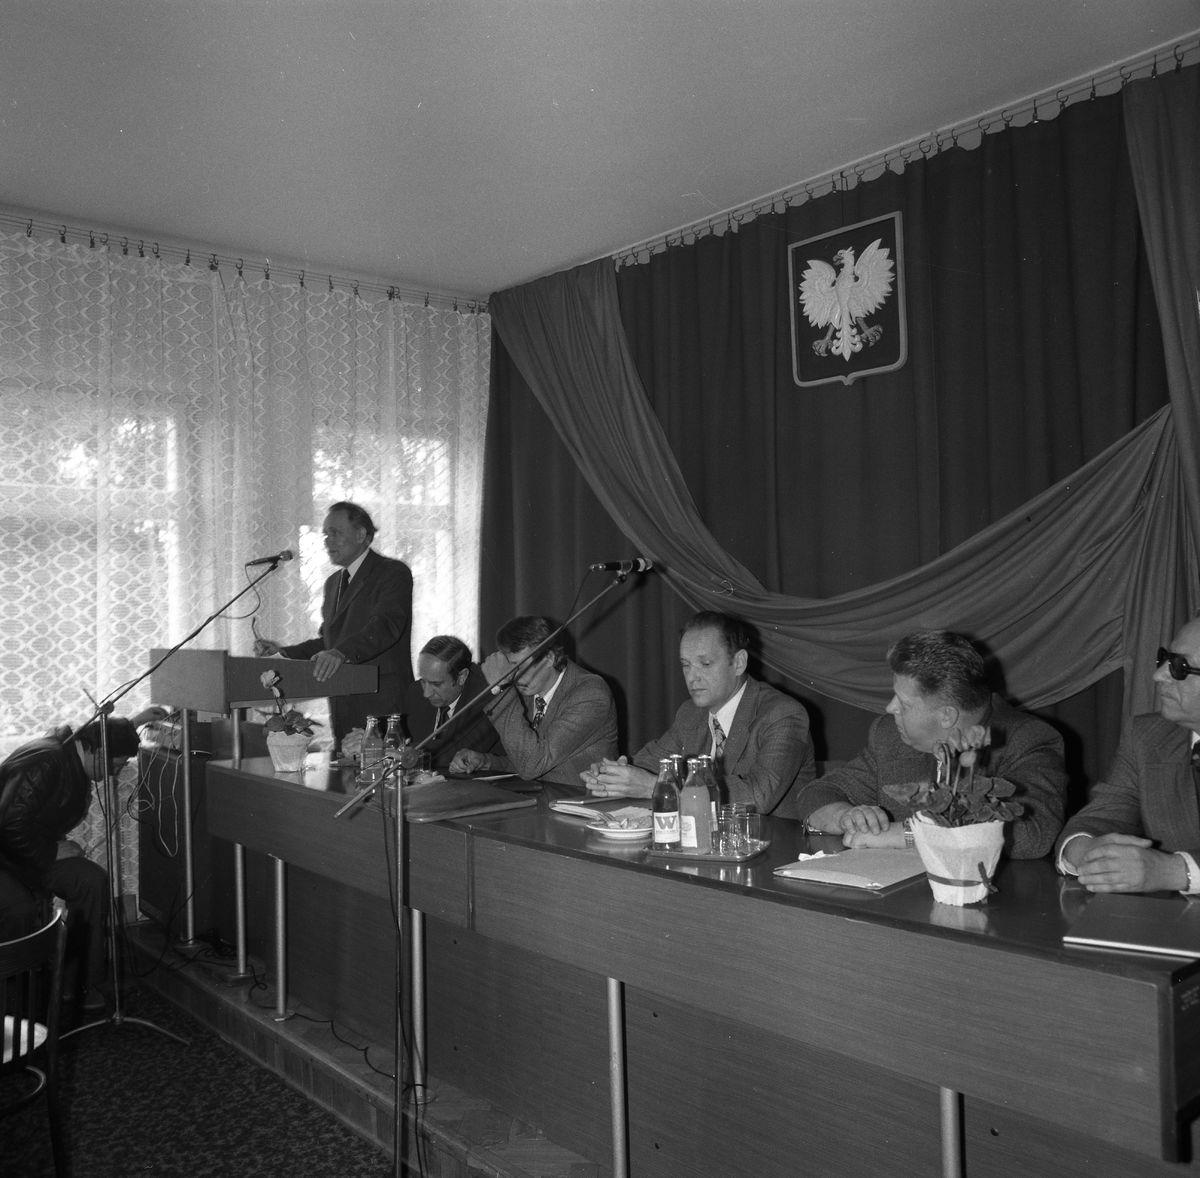 Wizyta konsula ZSRR w siedzibie KM PZPR [2]